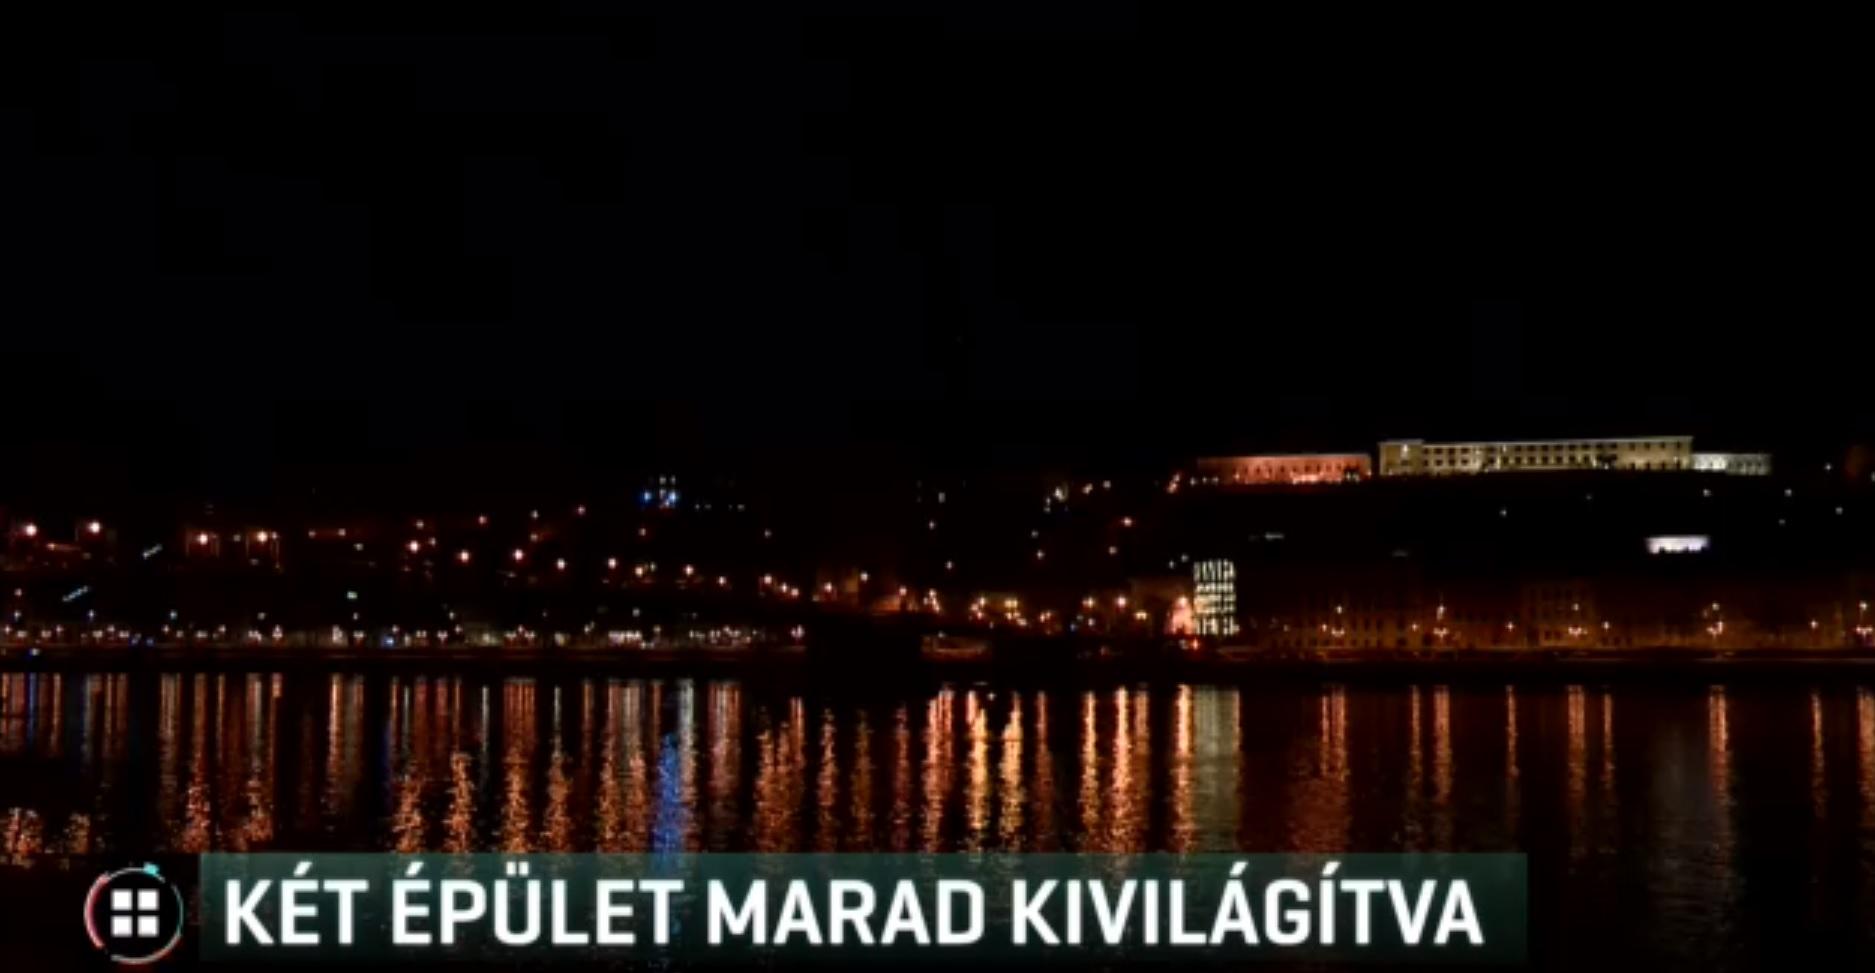 Éjfél után csak Orbán és Áder hivatala kap díszkivilágítást Budapesten